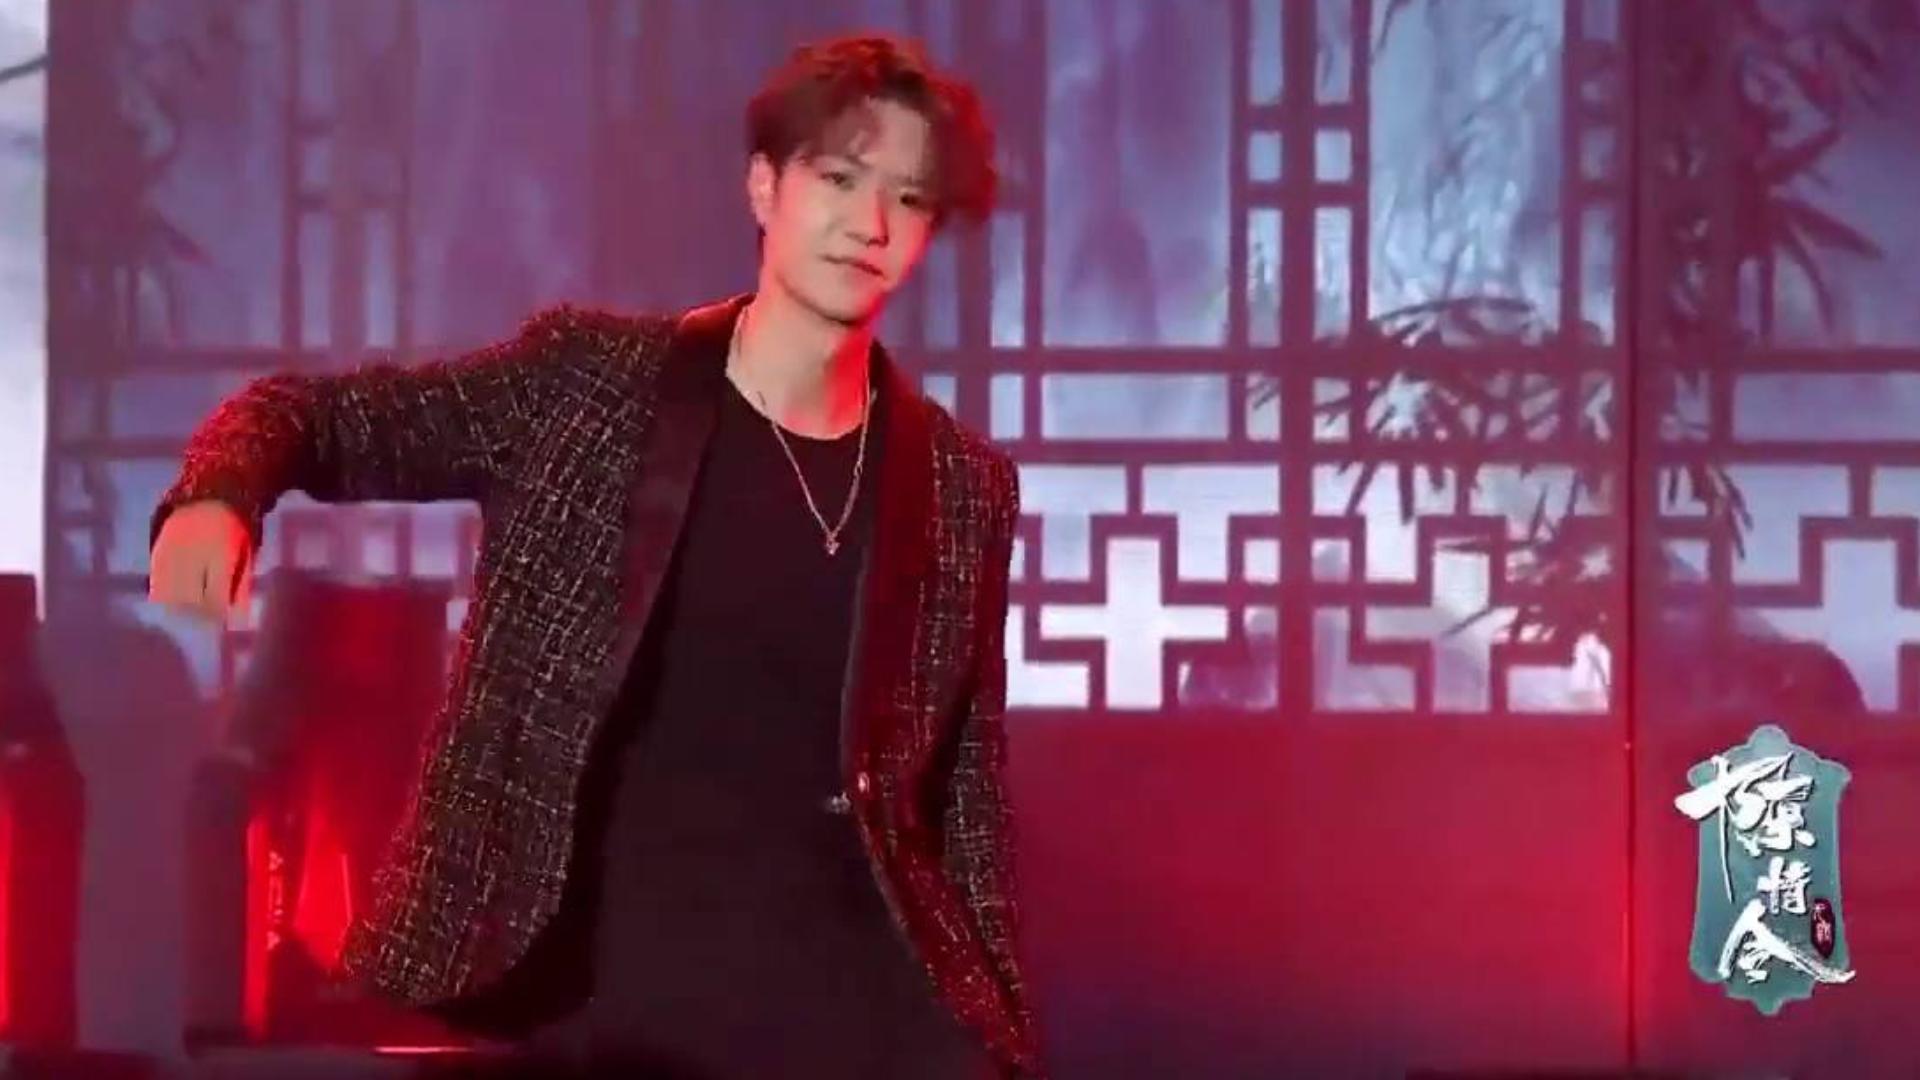 【陈情令粉丝见面会】王一博超帅舞蹈solo 阿伟乱葬岗!Wang Yibo Solo Dance.m